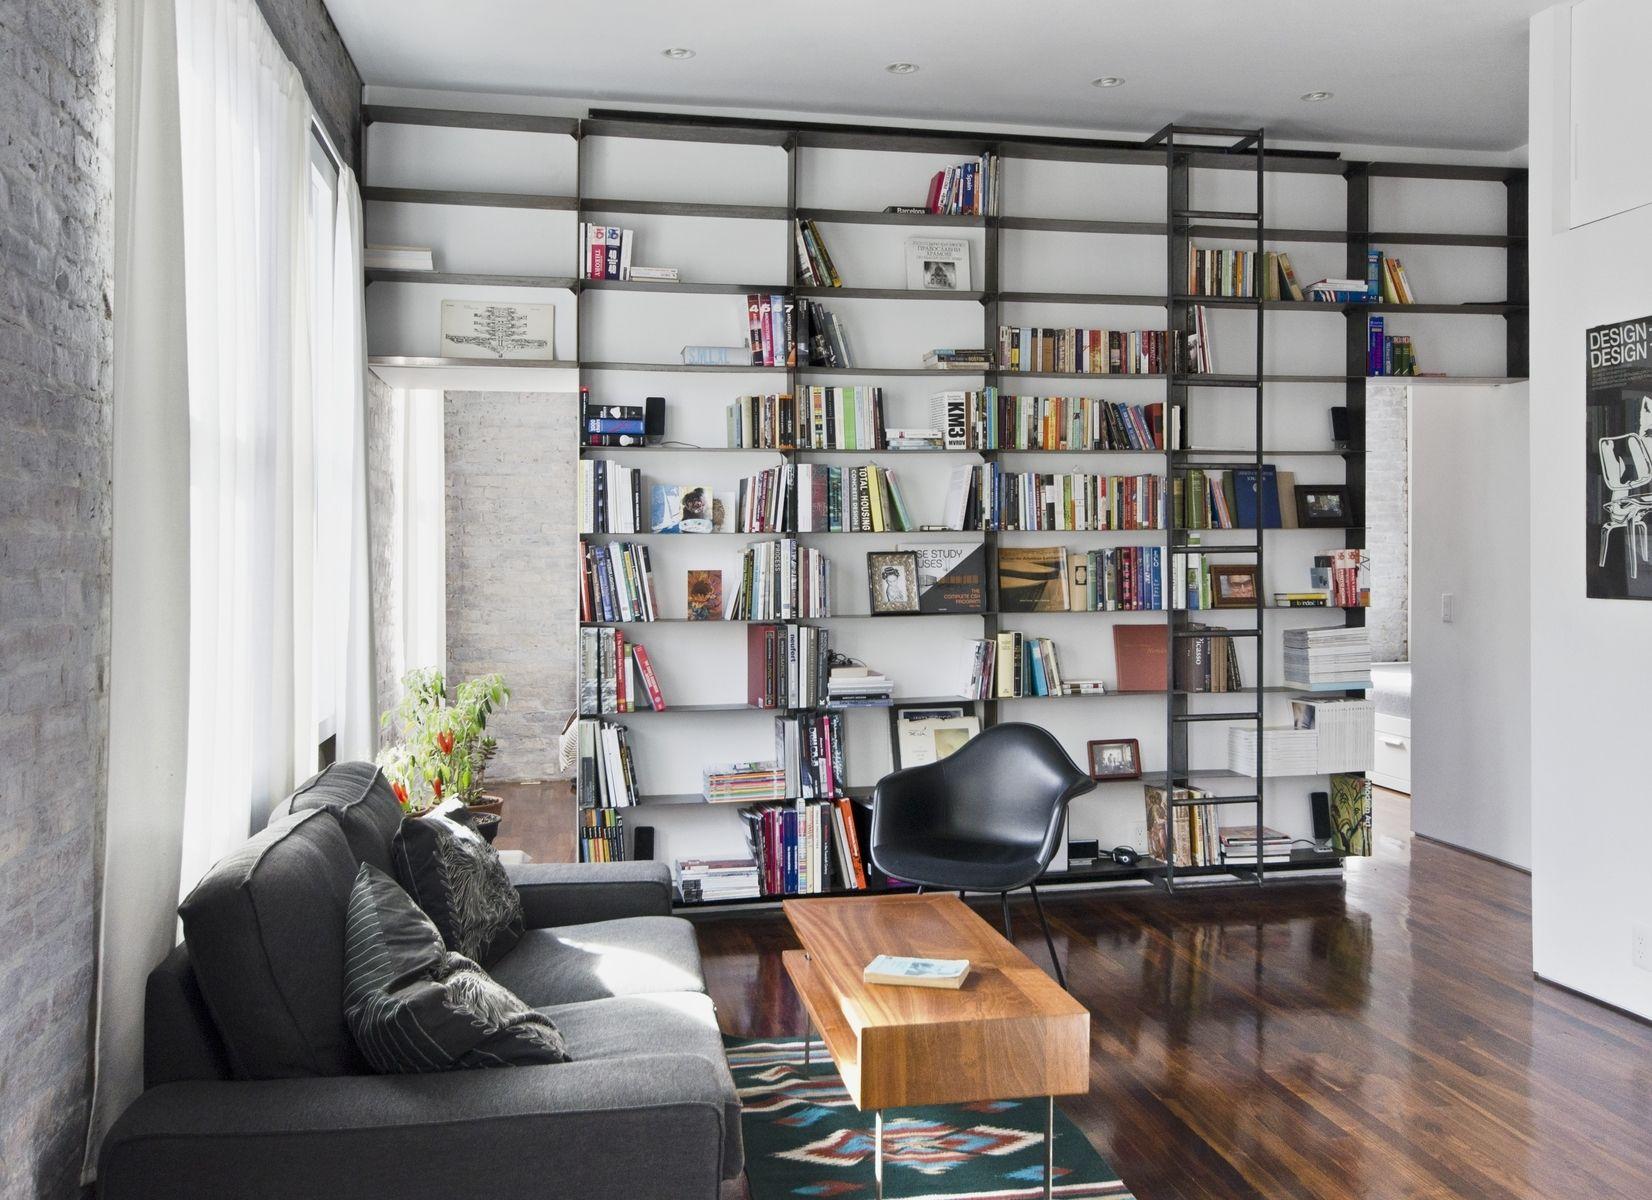 ספריות מעוצבות דגם פיילוט ארנה מעצבים רהיטים